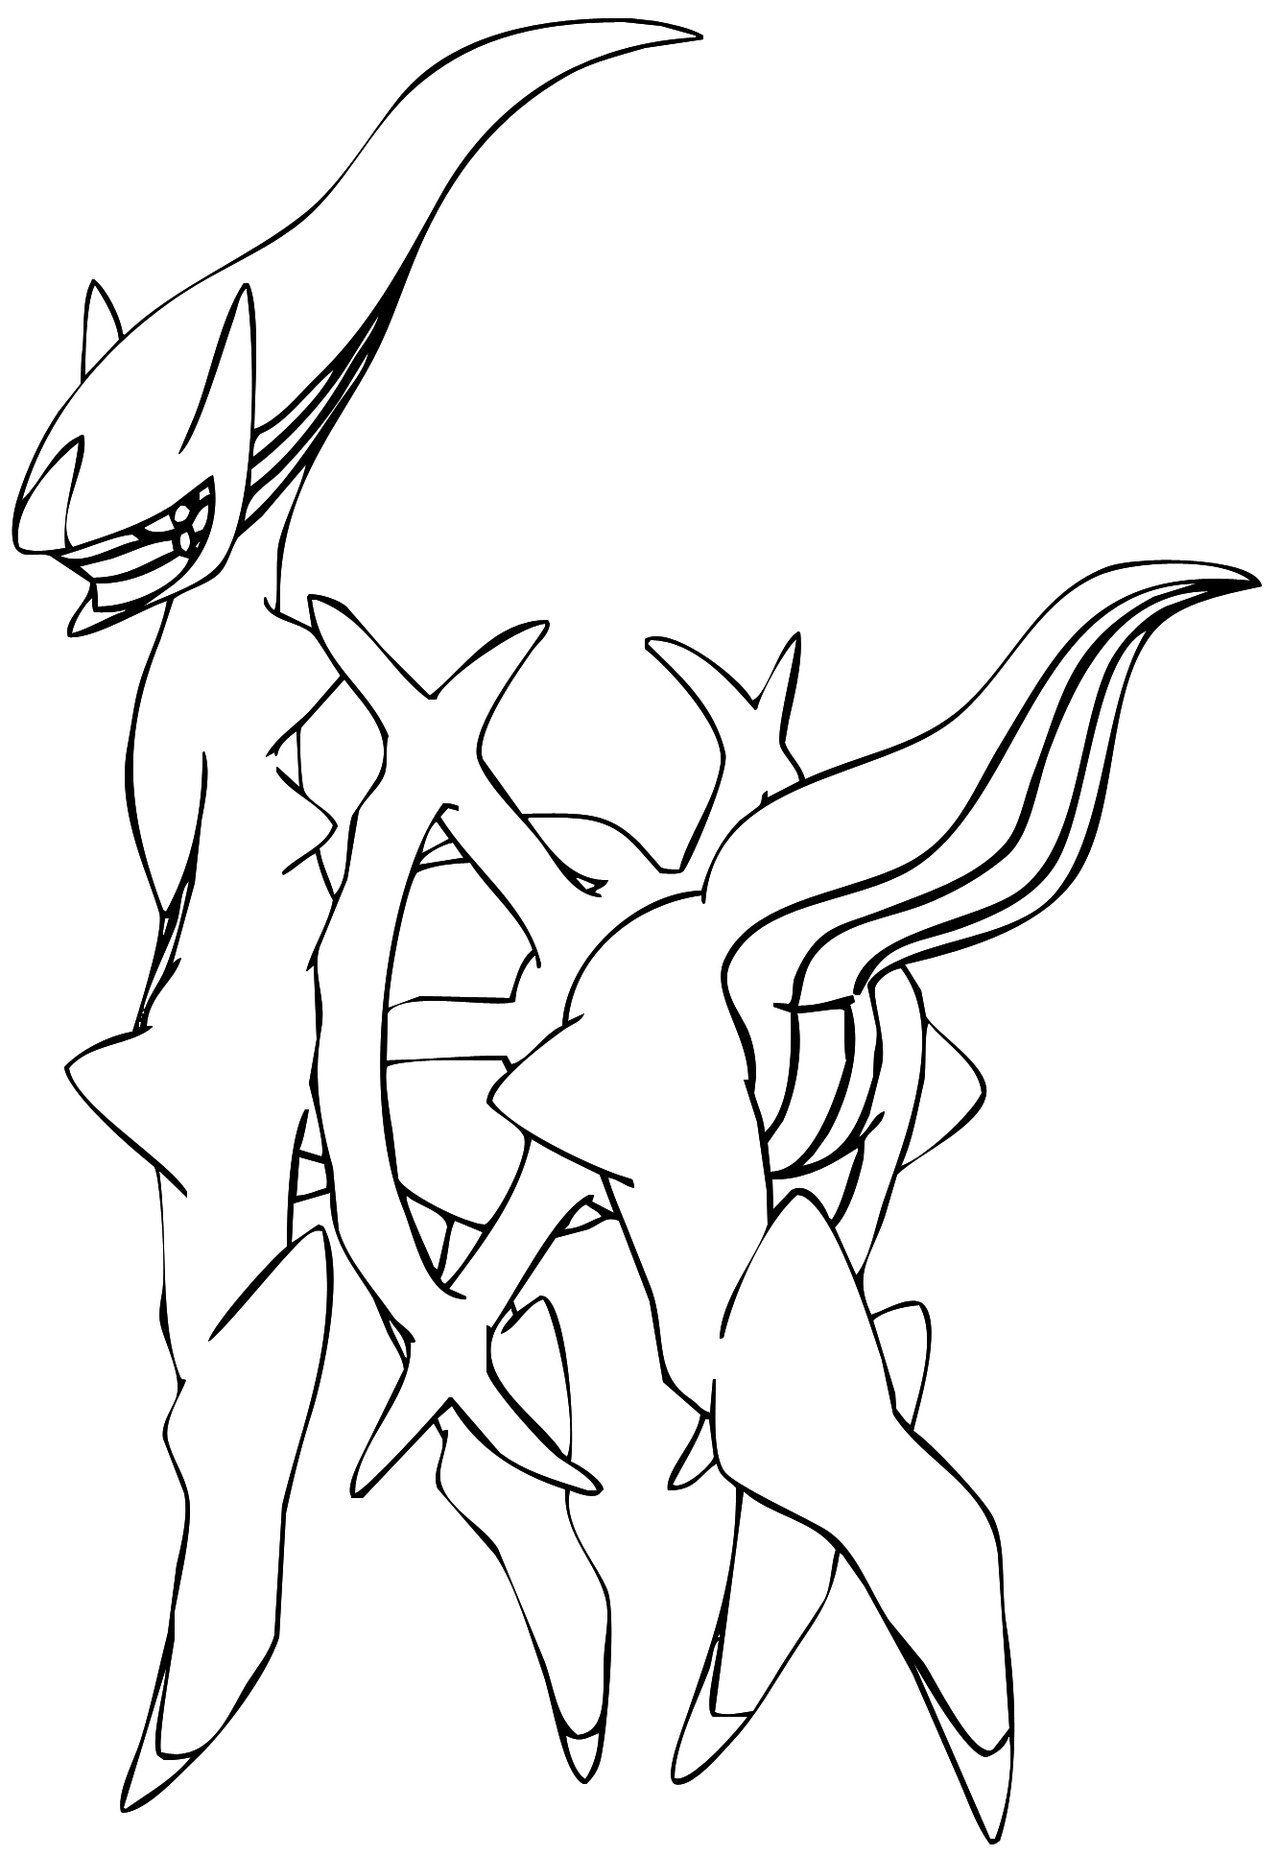 Arceus Lineart By Elsdrake On Deviantart Pokemon Coloring Pages Pokemon Coloring Coloring Pages For Kids